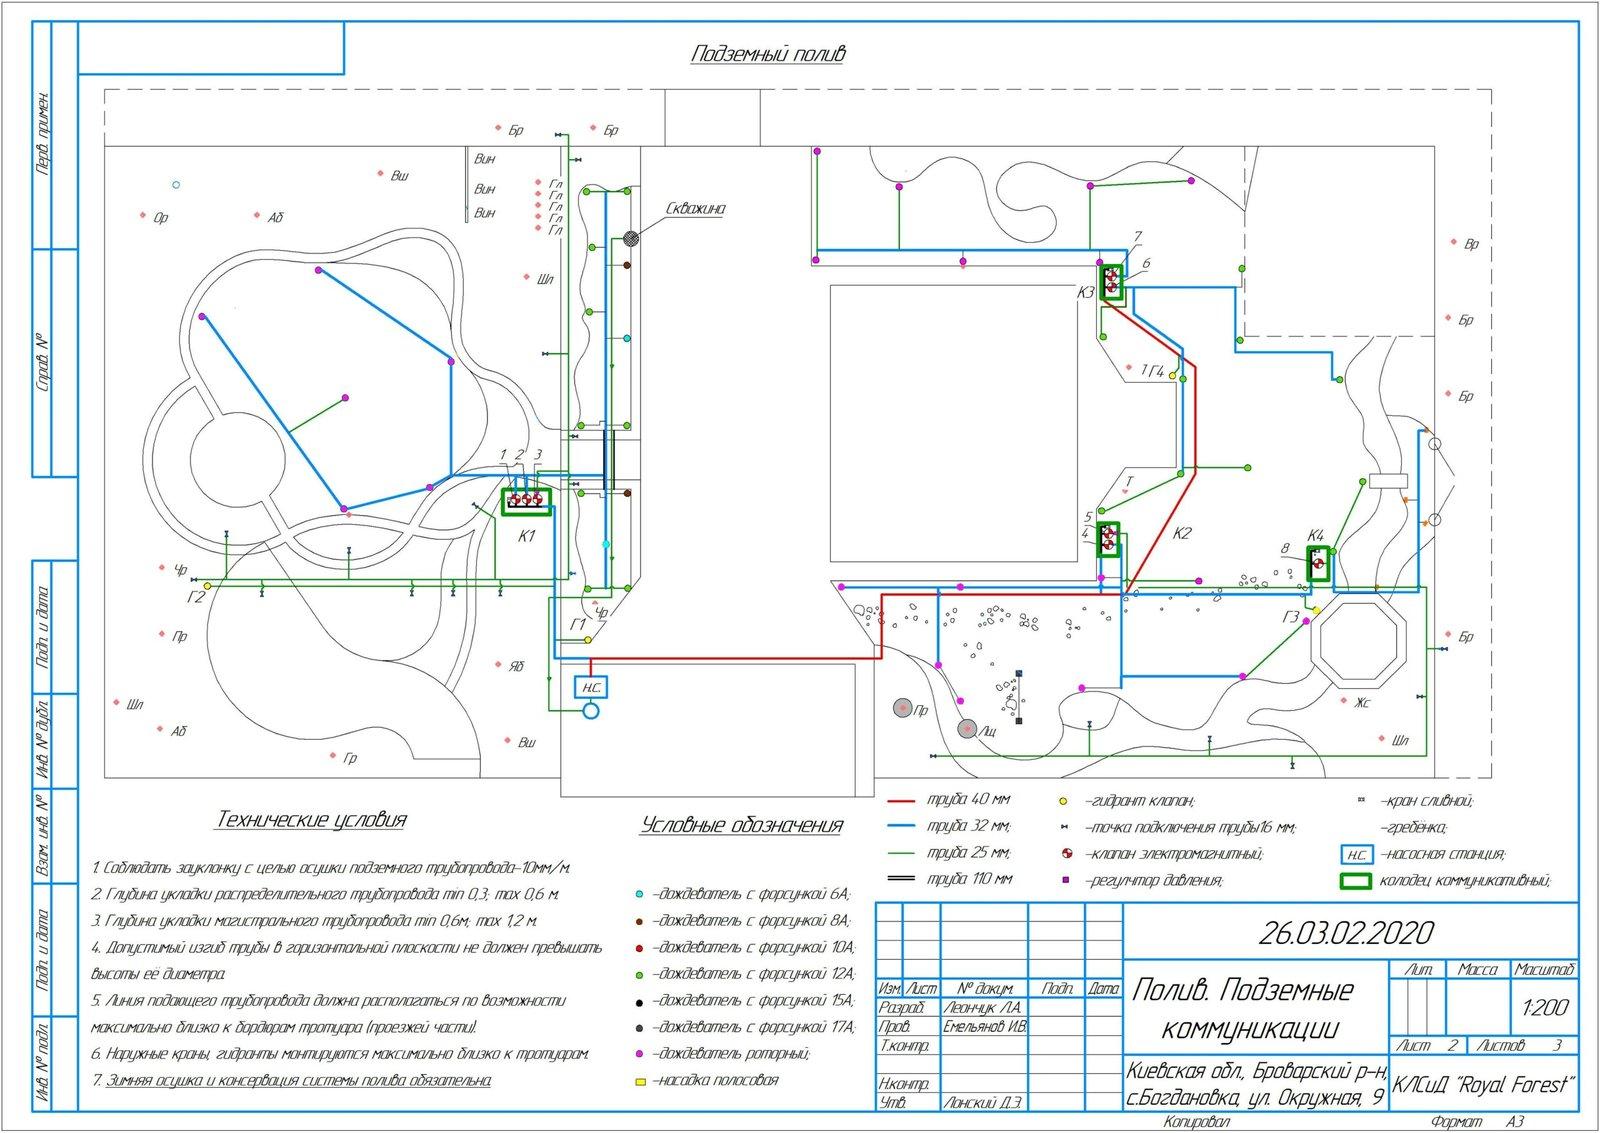 План закладки коммуникаций для полива участка Киев, проект устройства автополива Киев, как создать автополив для сада, проект полива